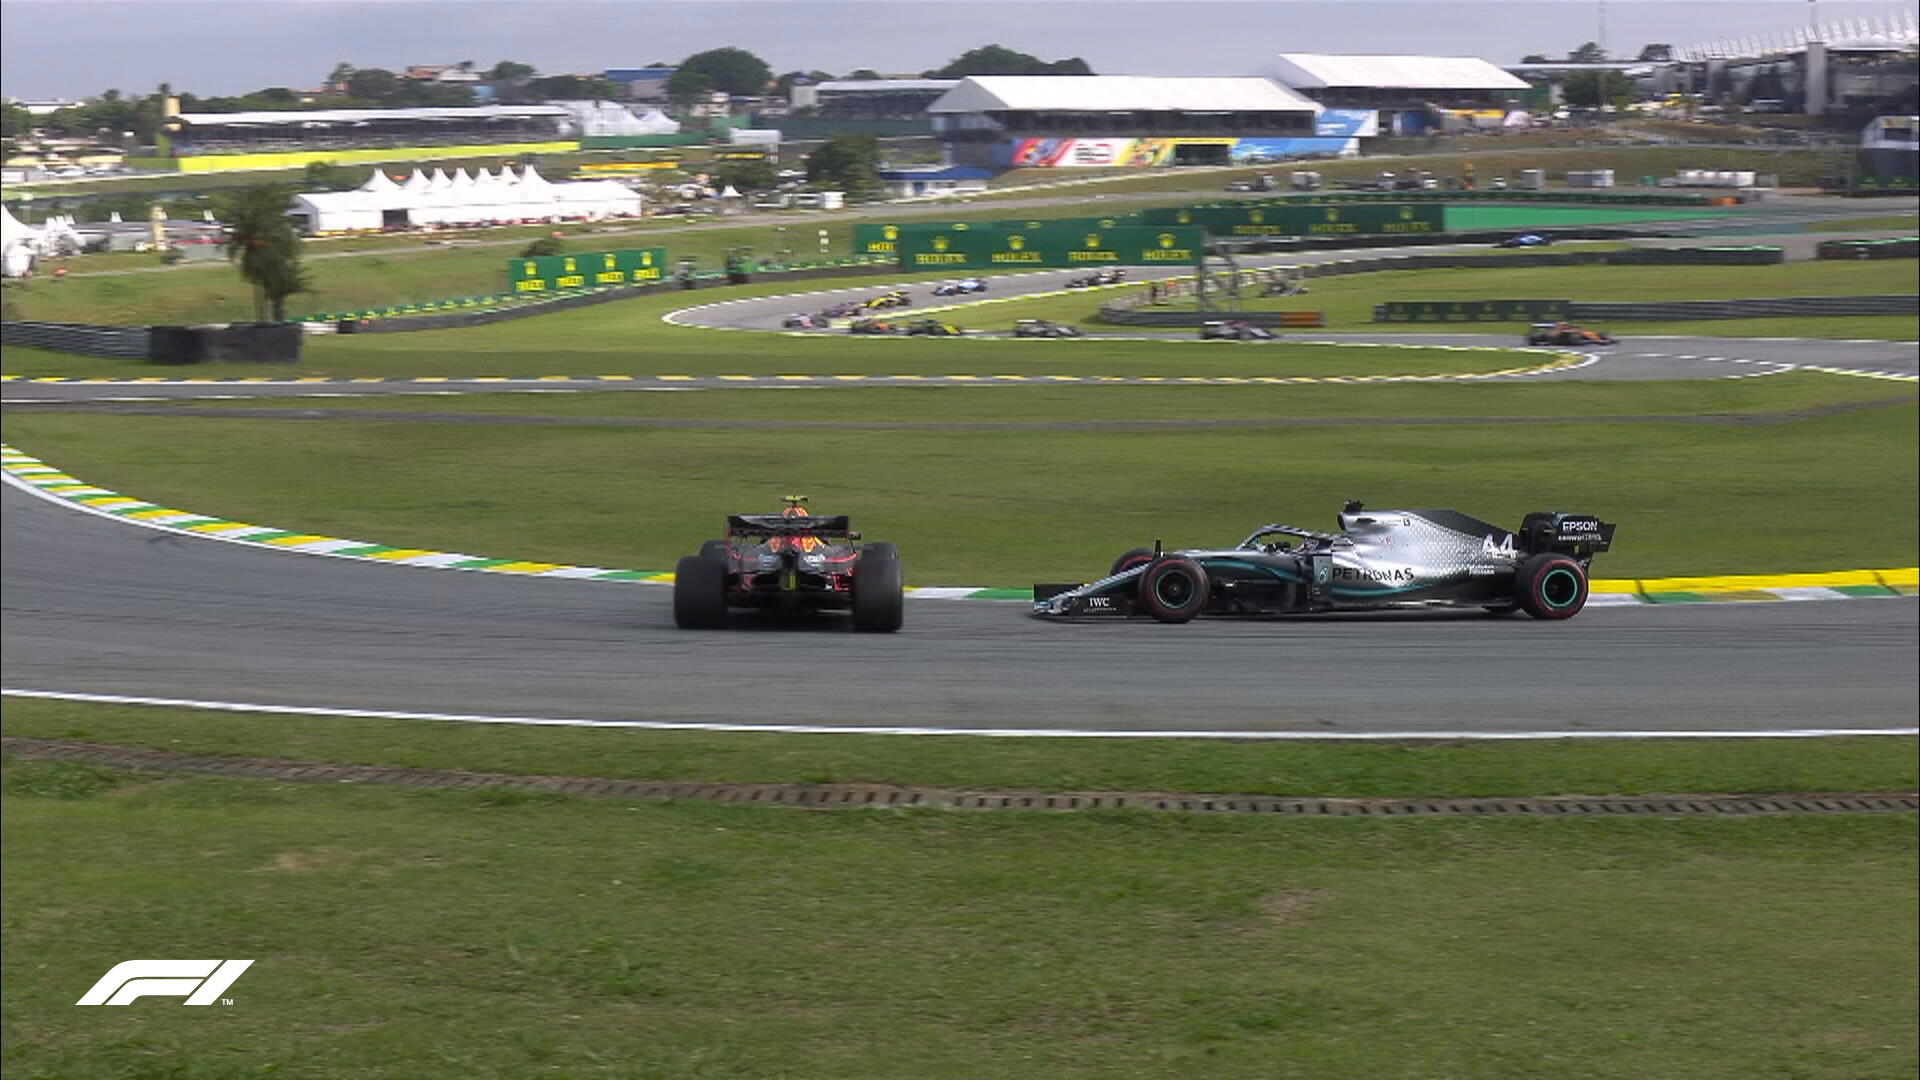 Resultado de imagem para brazil GP 2019 podium